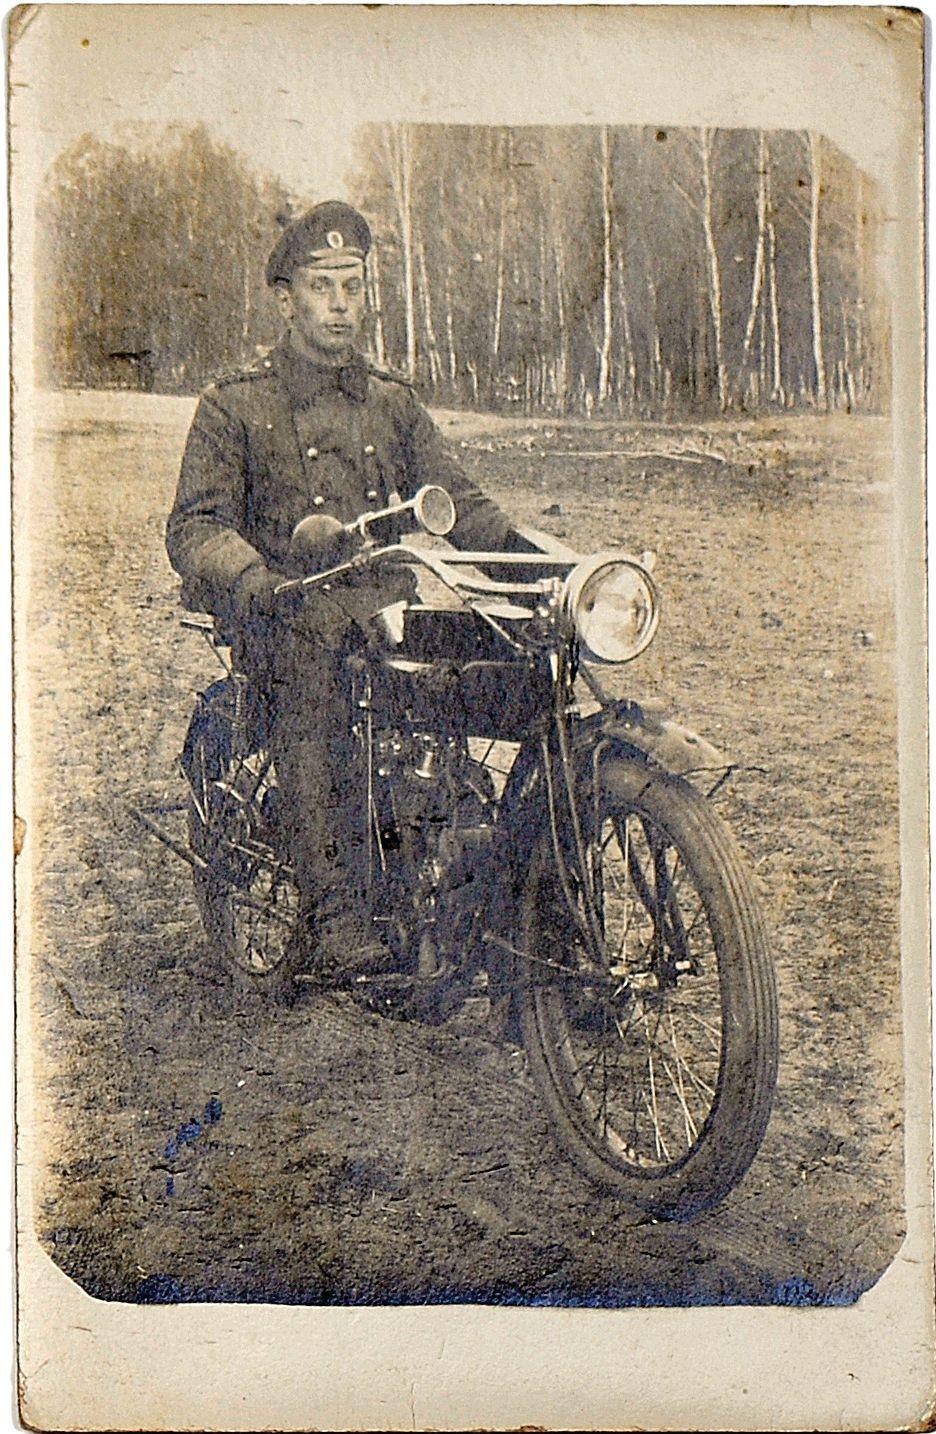 Фото рядового 43-й автомобильной роты. 1917